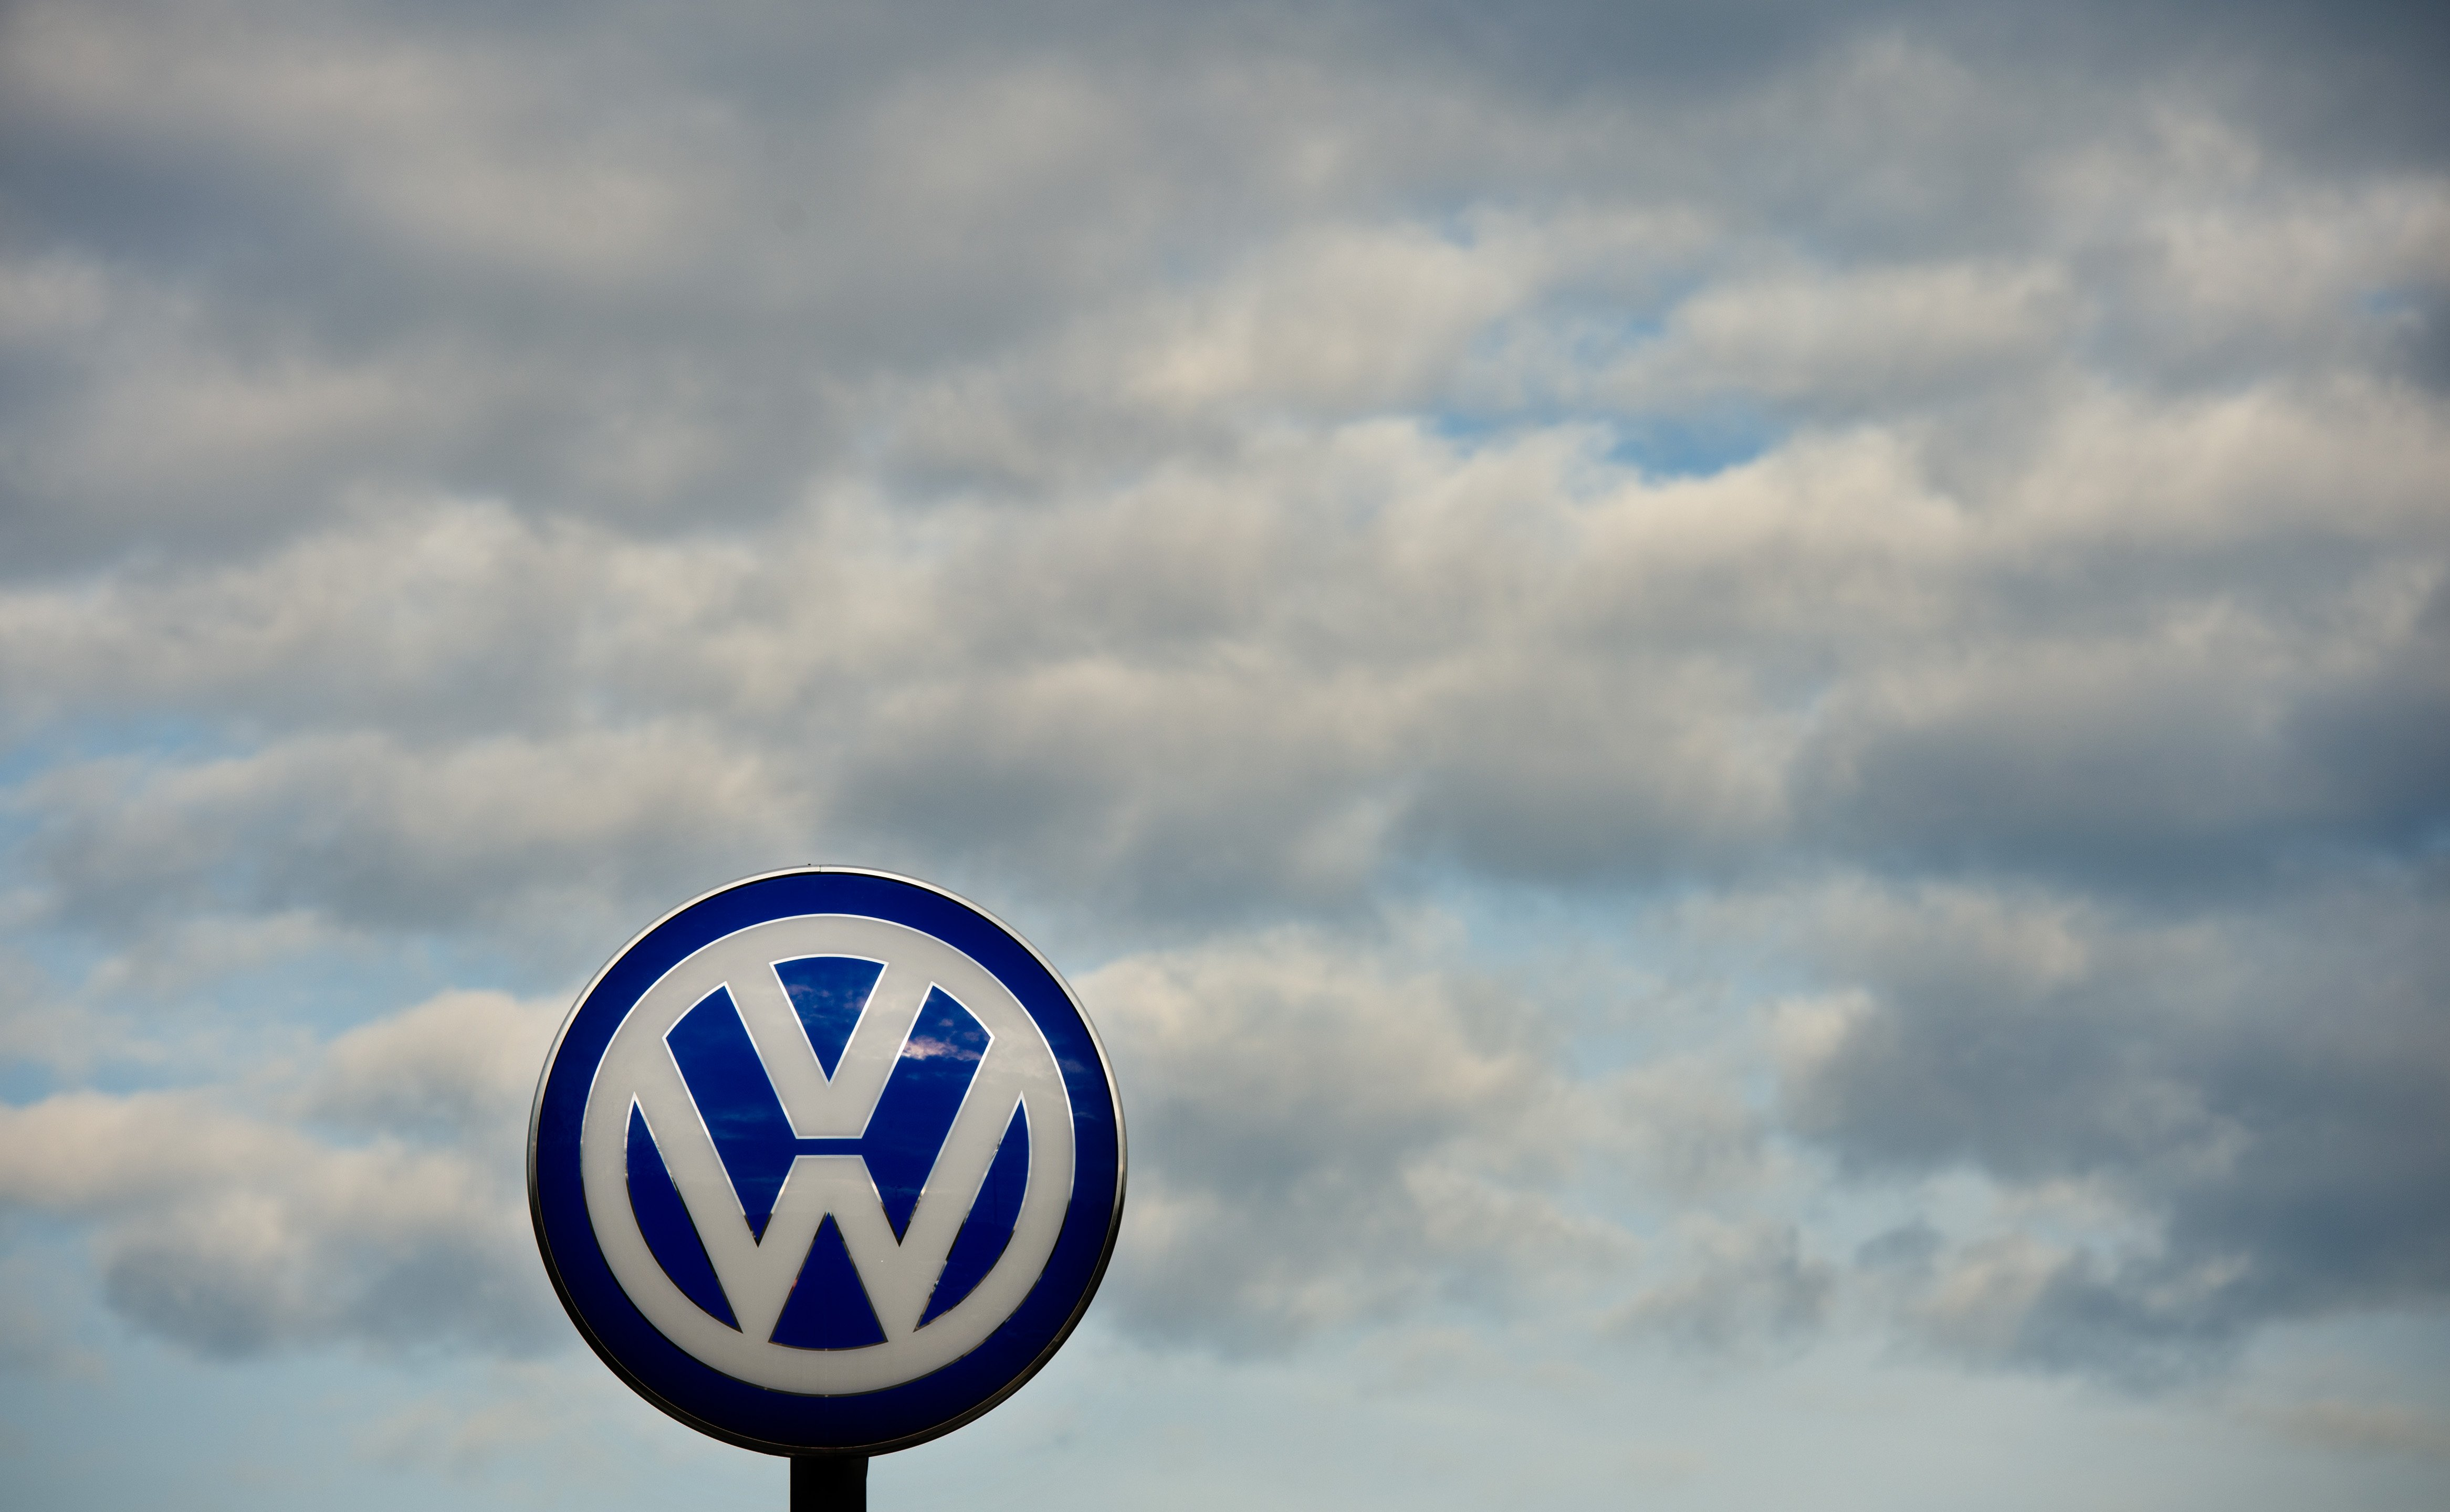 The sky is the limit: Mithilfe Chryslers könnte VW seine Stellung auf dem US-Markt verbessern. Die Marke unterhält in den USA ein engmaschiges Händlernetz.